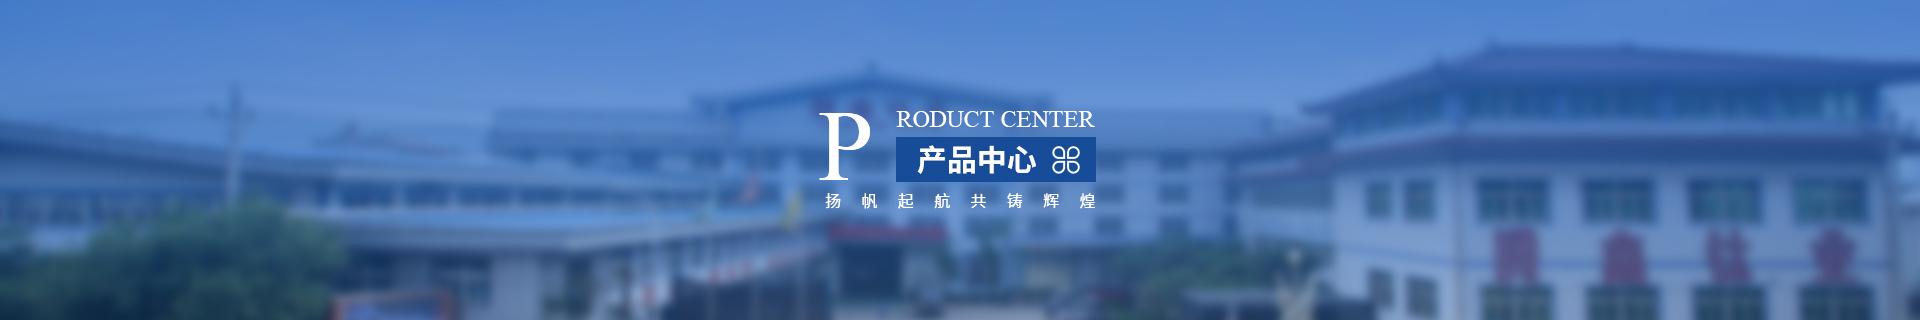 在线看片55k产品中心